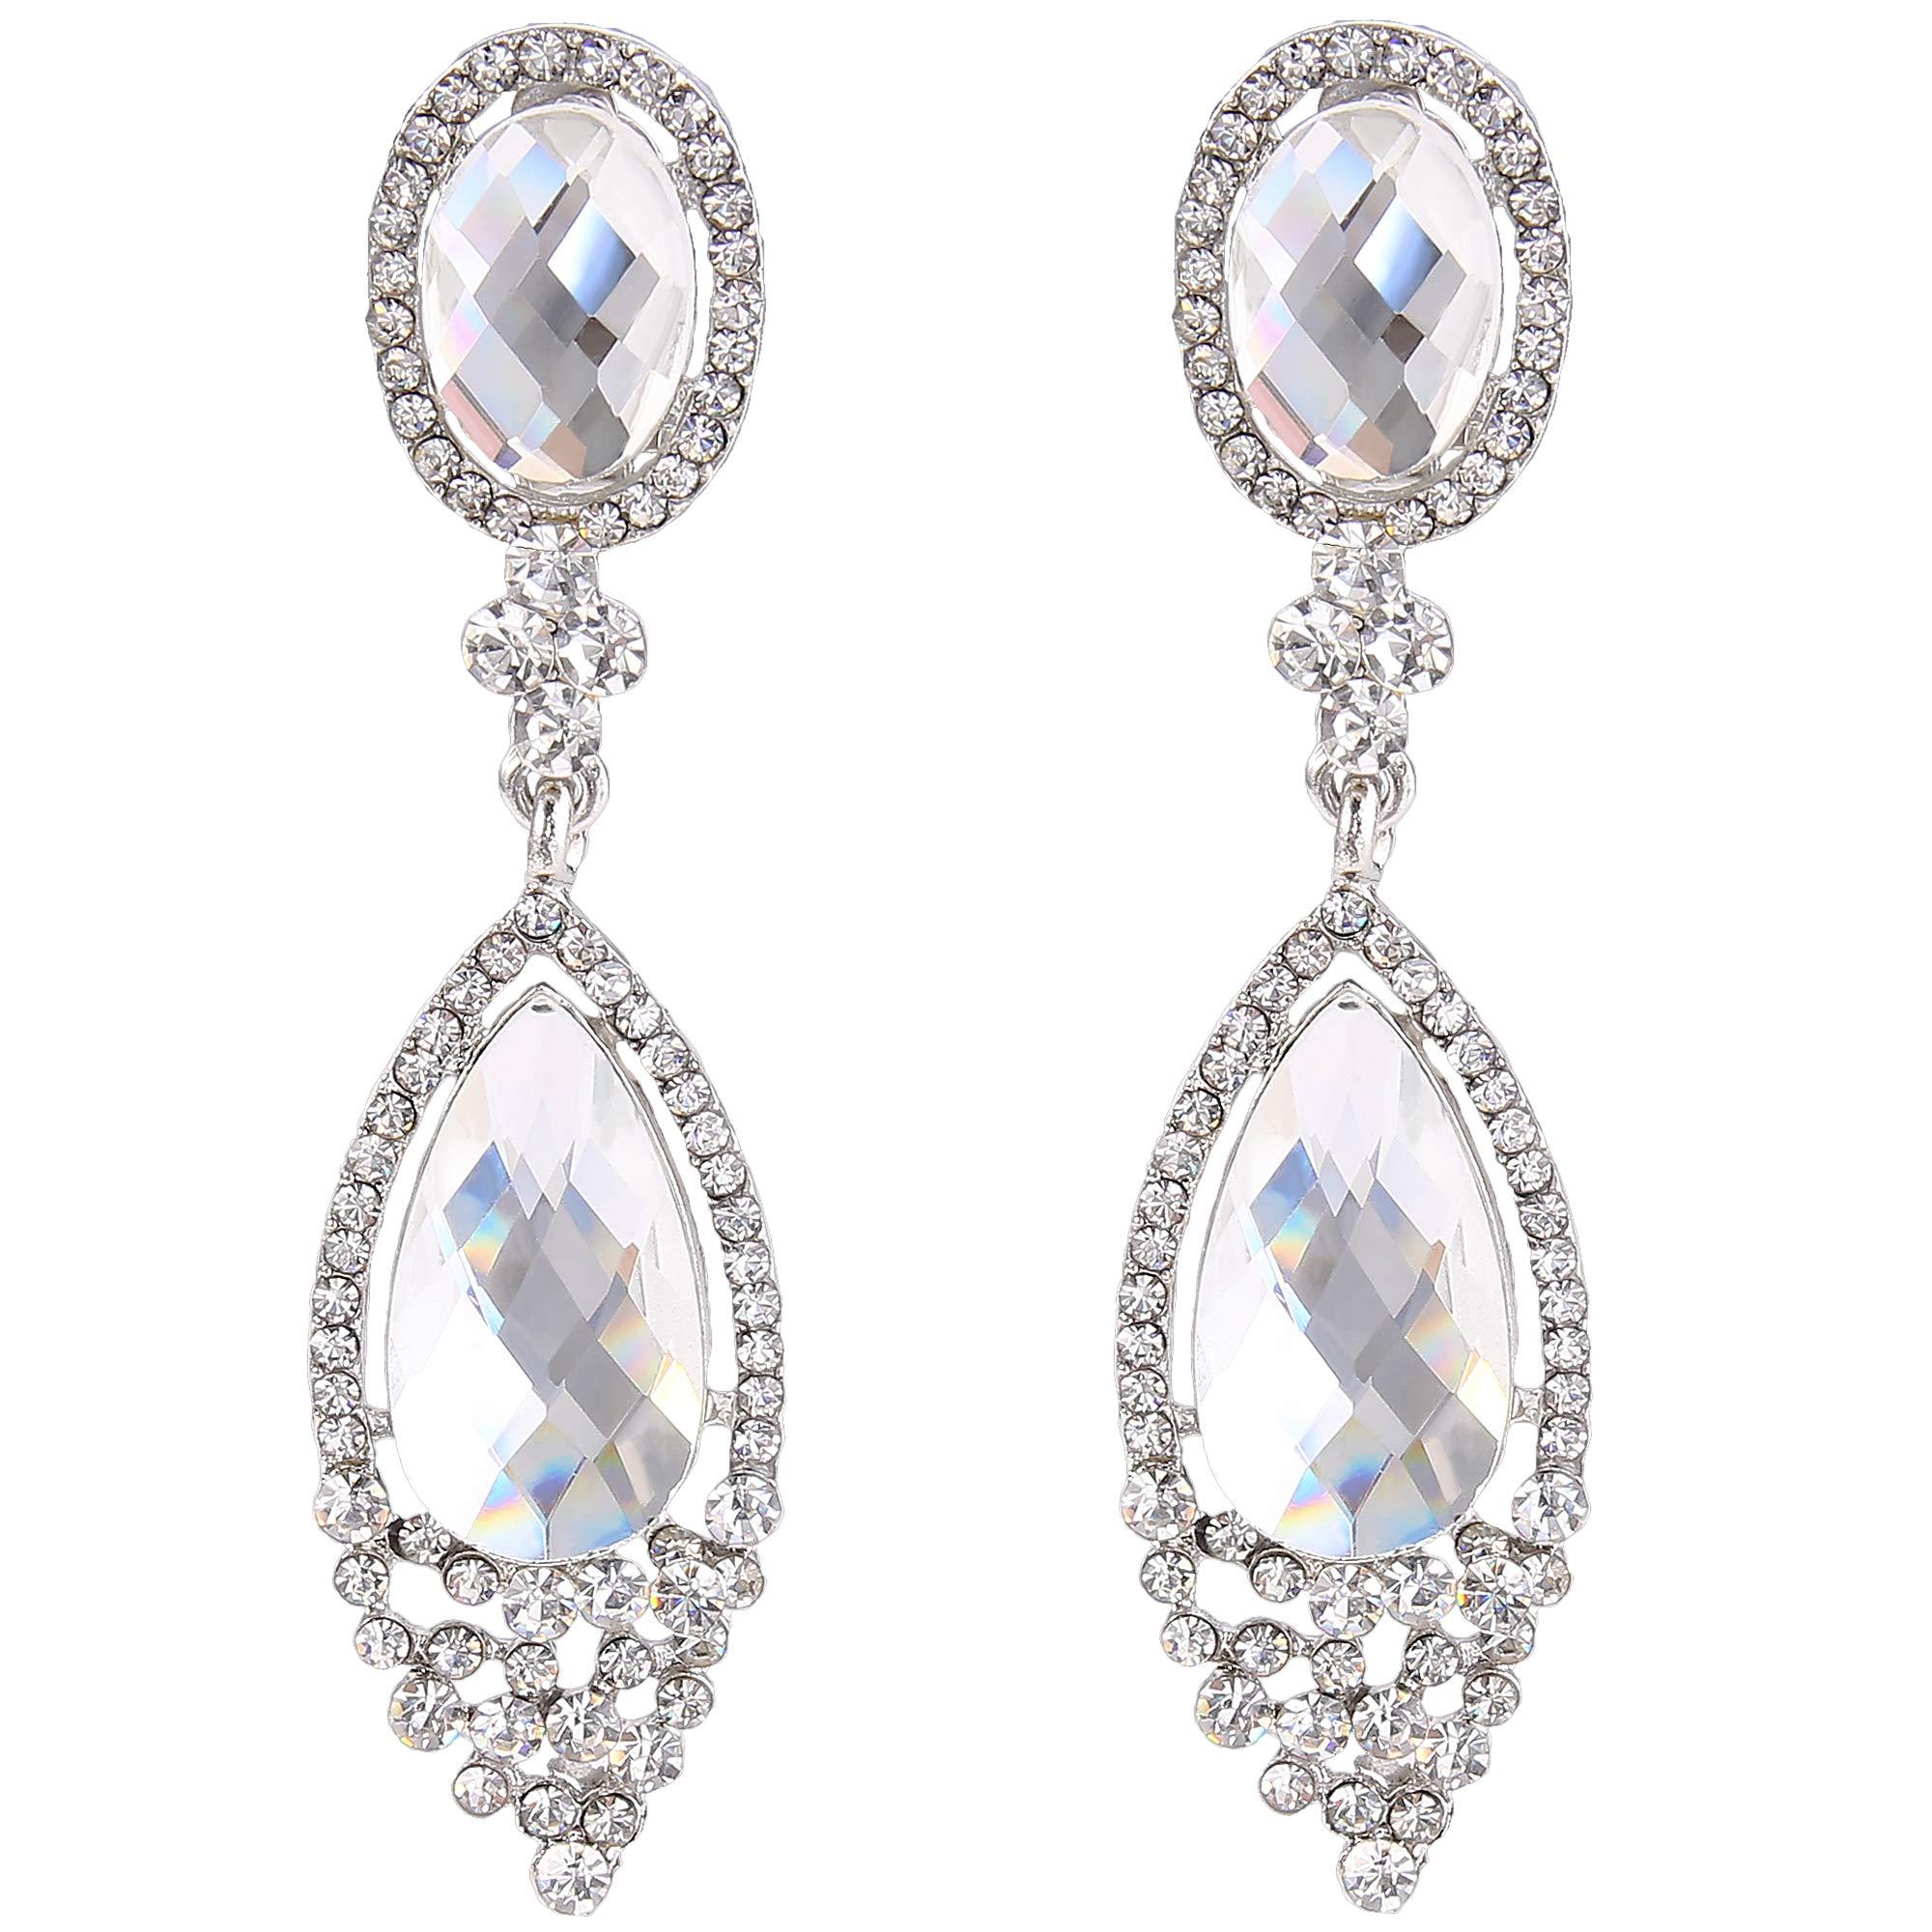 BriLove Wedding Bridal Clip-On Earrings for Women Infinity Figure 8 Crystal Teardrop Chandelier Dangle Earrings Clear Silver-Tone